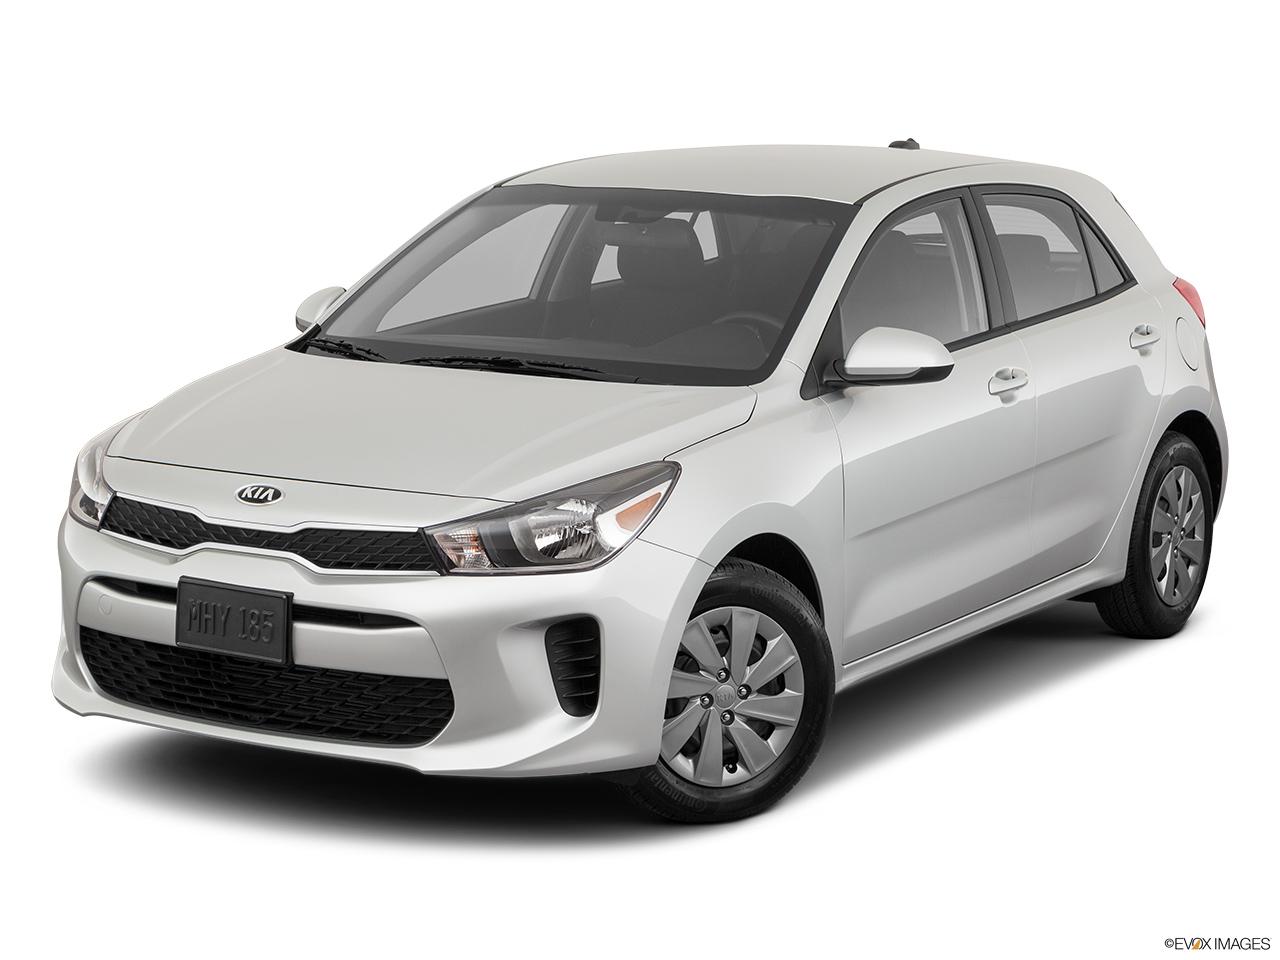 سيارات كيا ريو هاتشباك 2021 في السعودية - أسعار سيارات كيا ريو هاتشباك 2021 في السعودية